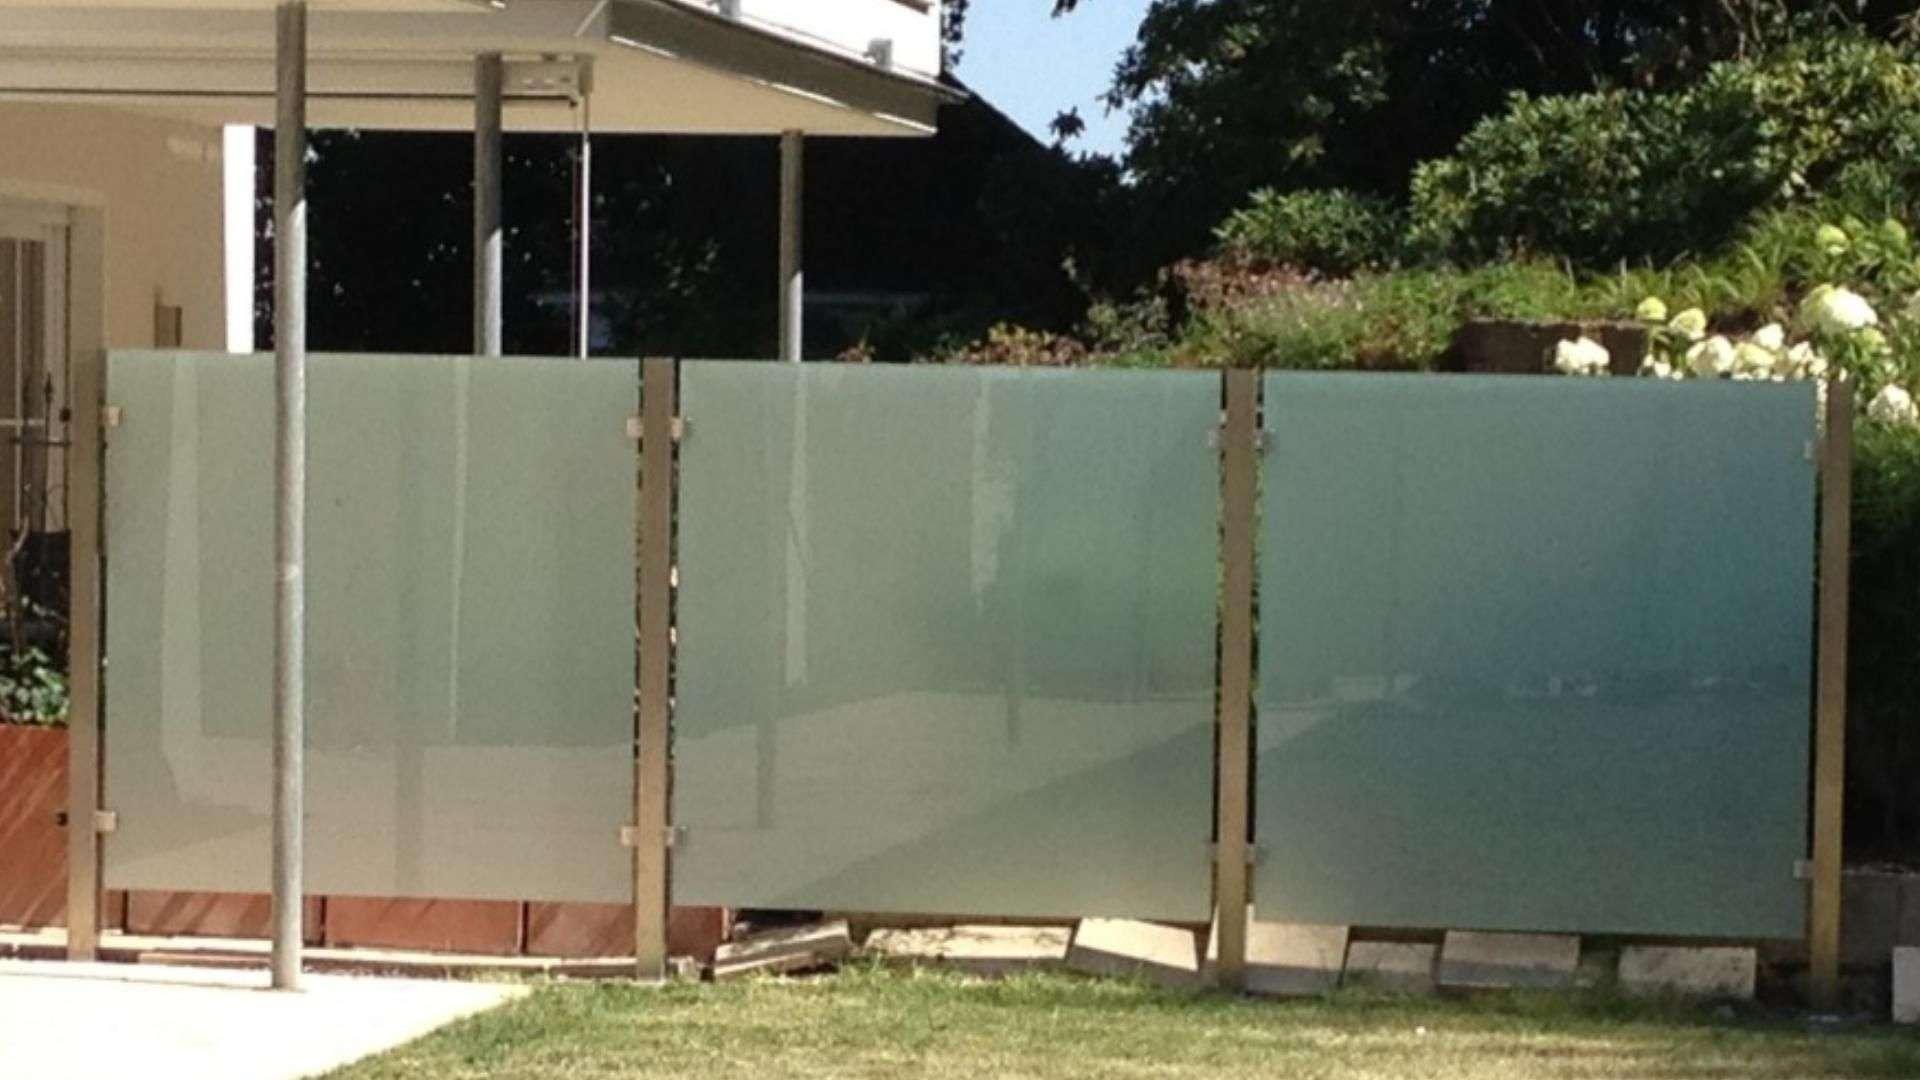 drei Windschutz-Elemente in einem Garten